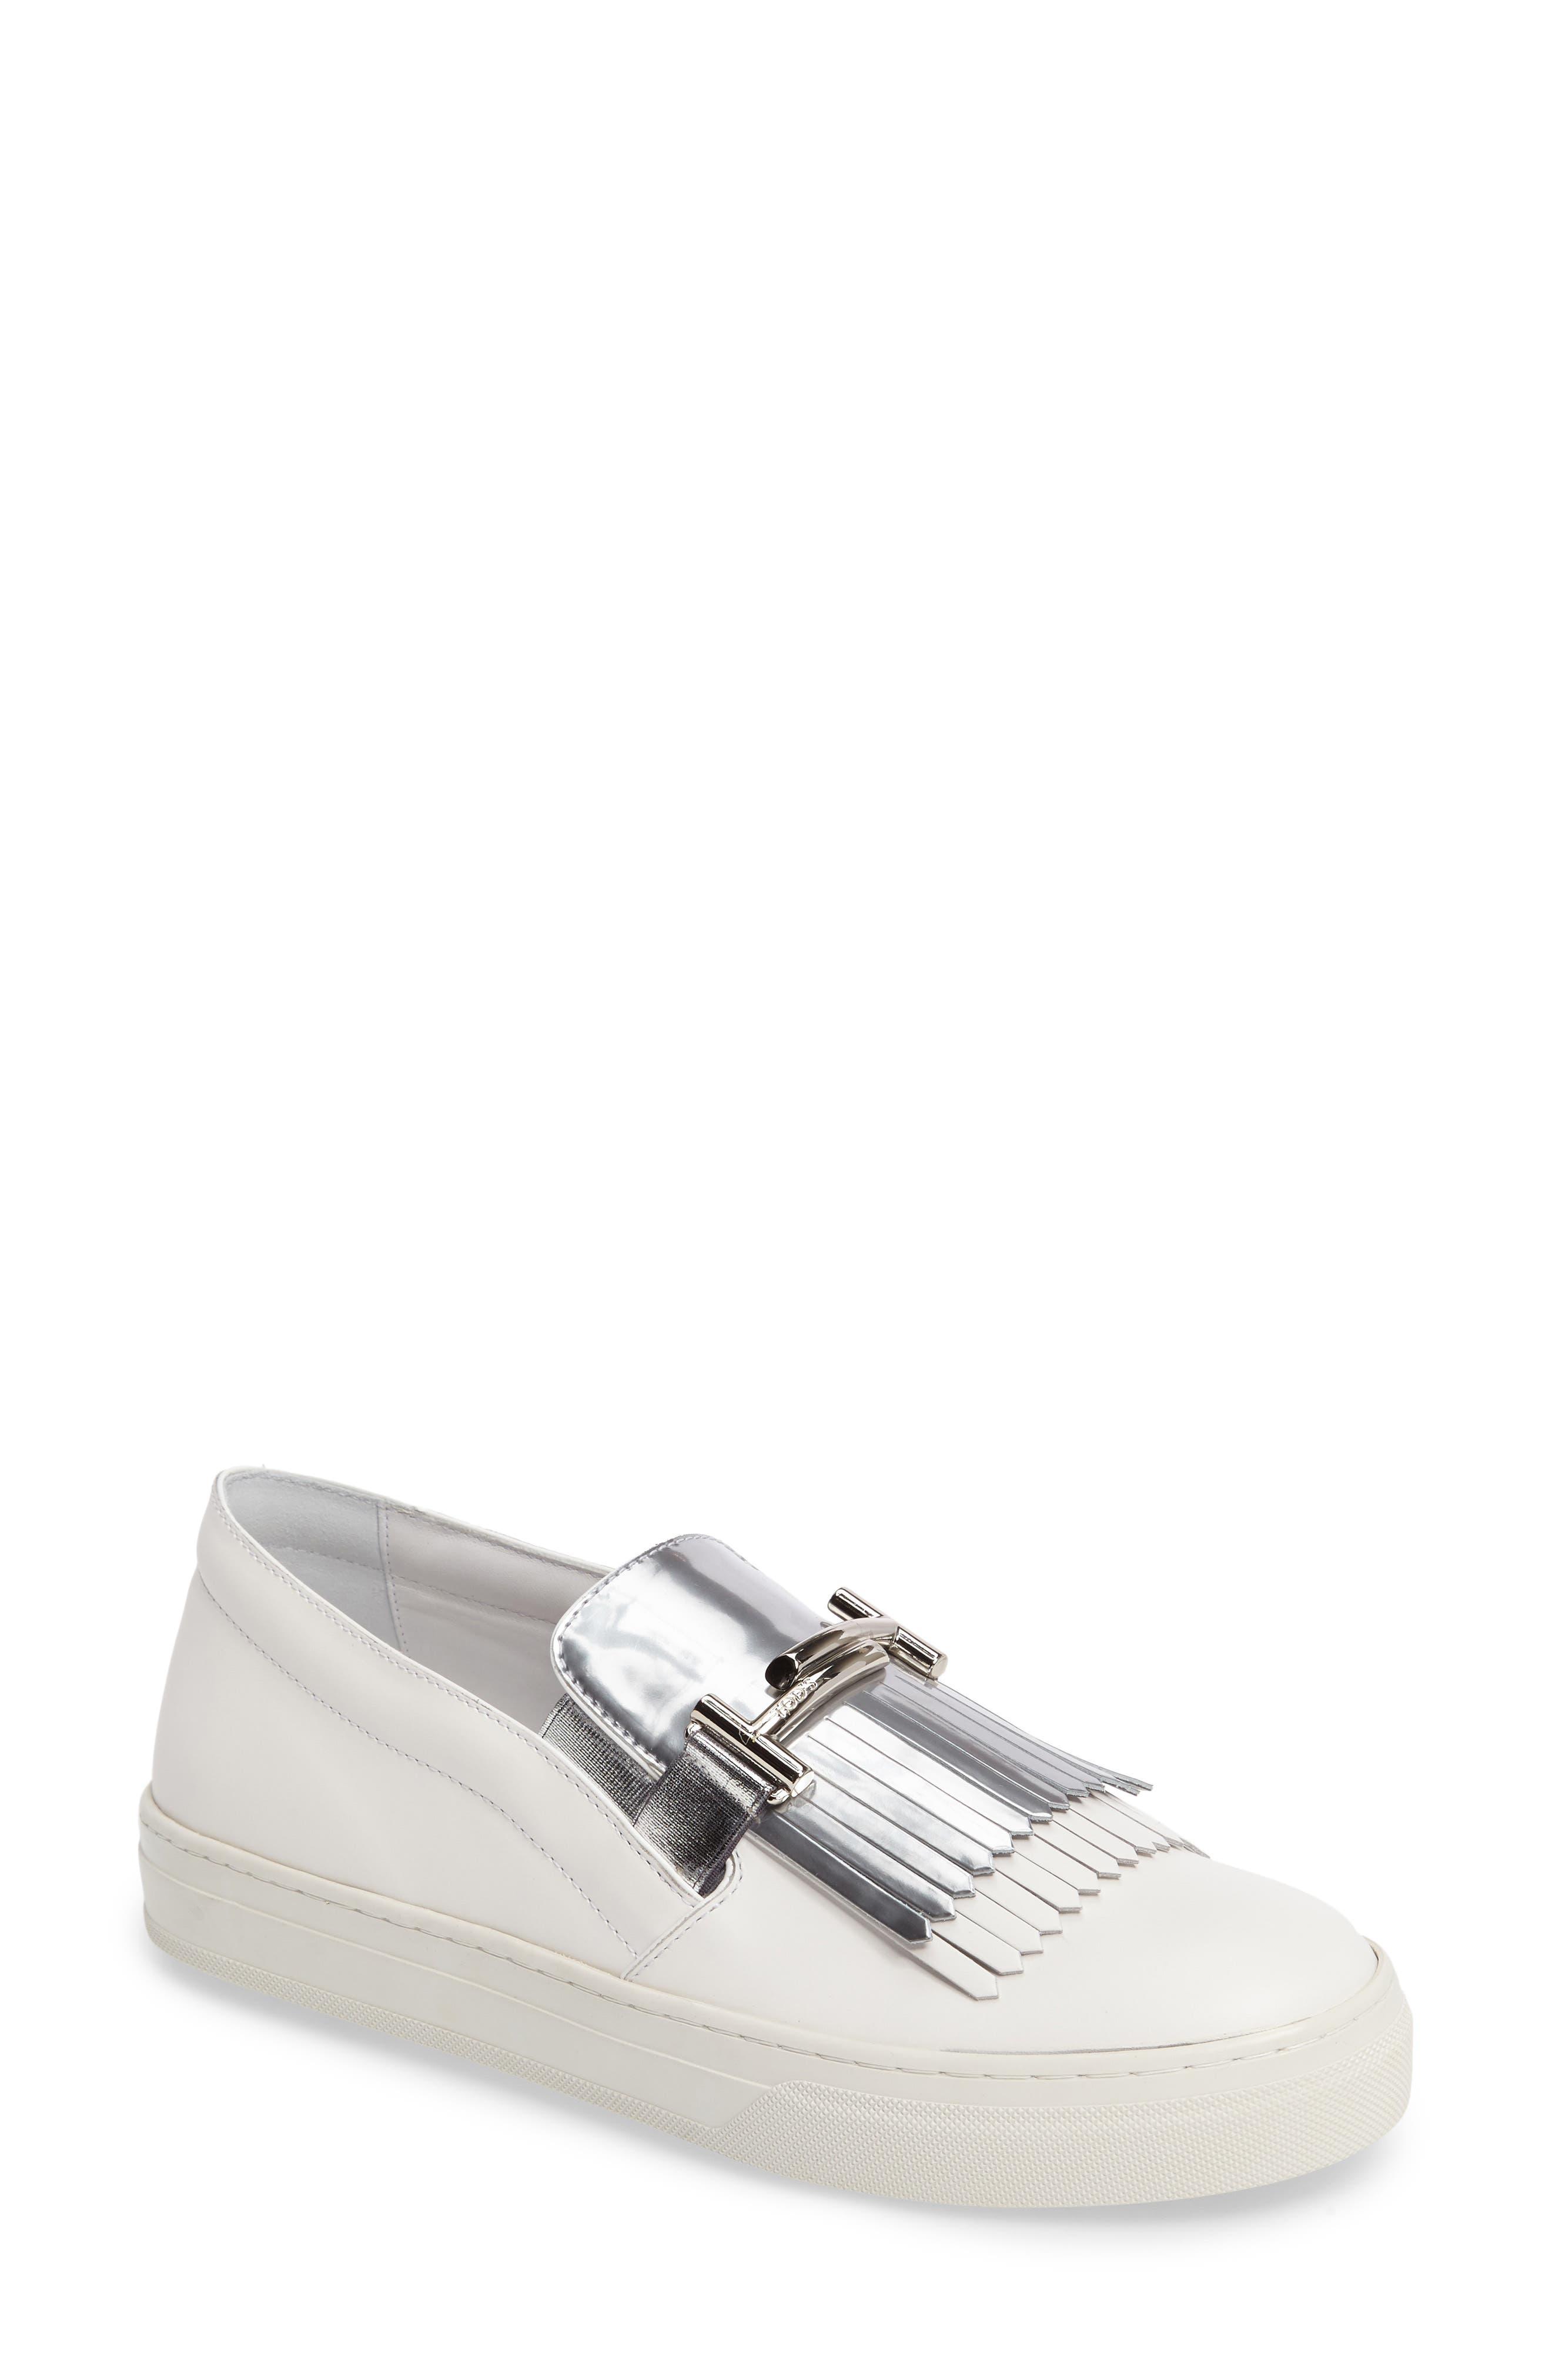 Main Image - Tod's Double-T Kiltie Fringe Slip-On Sneaker (Women)